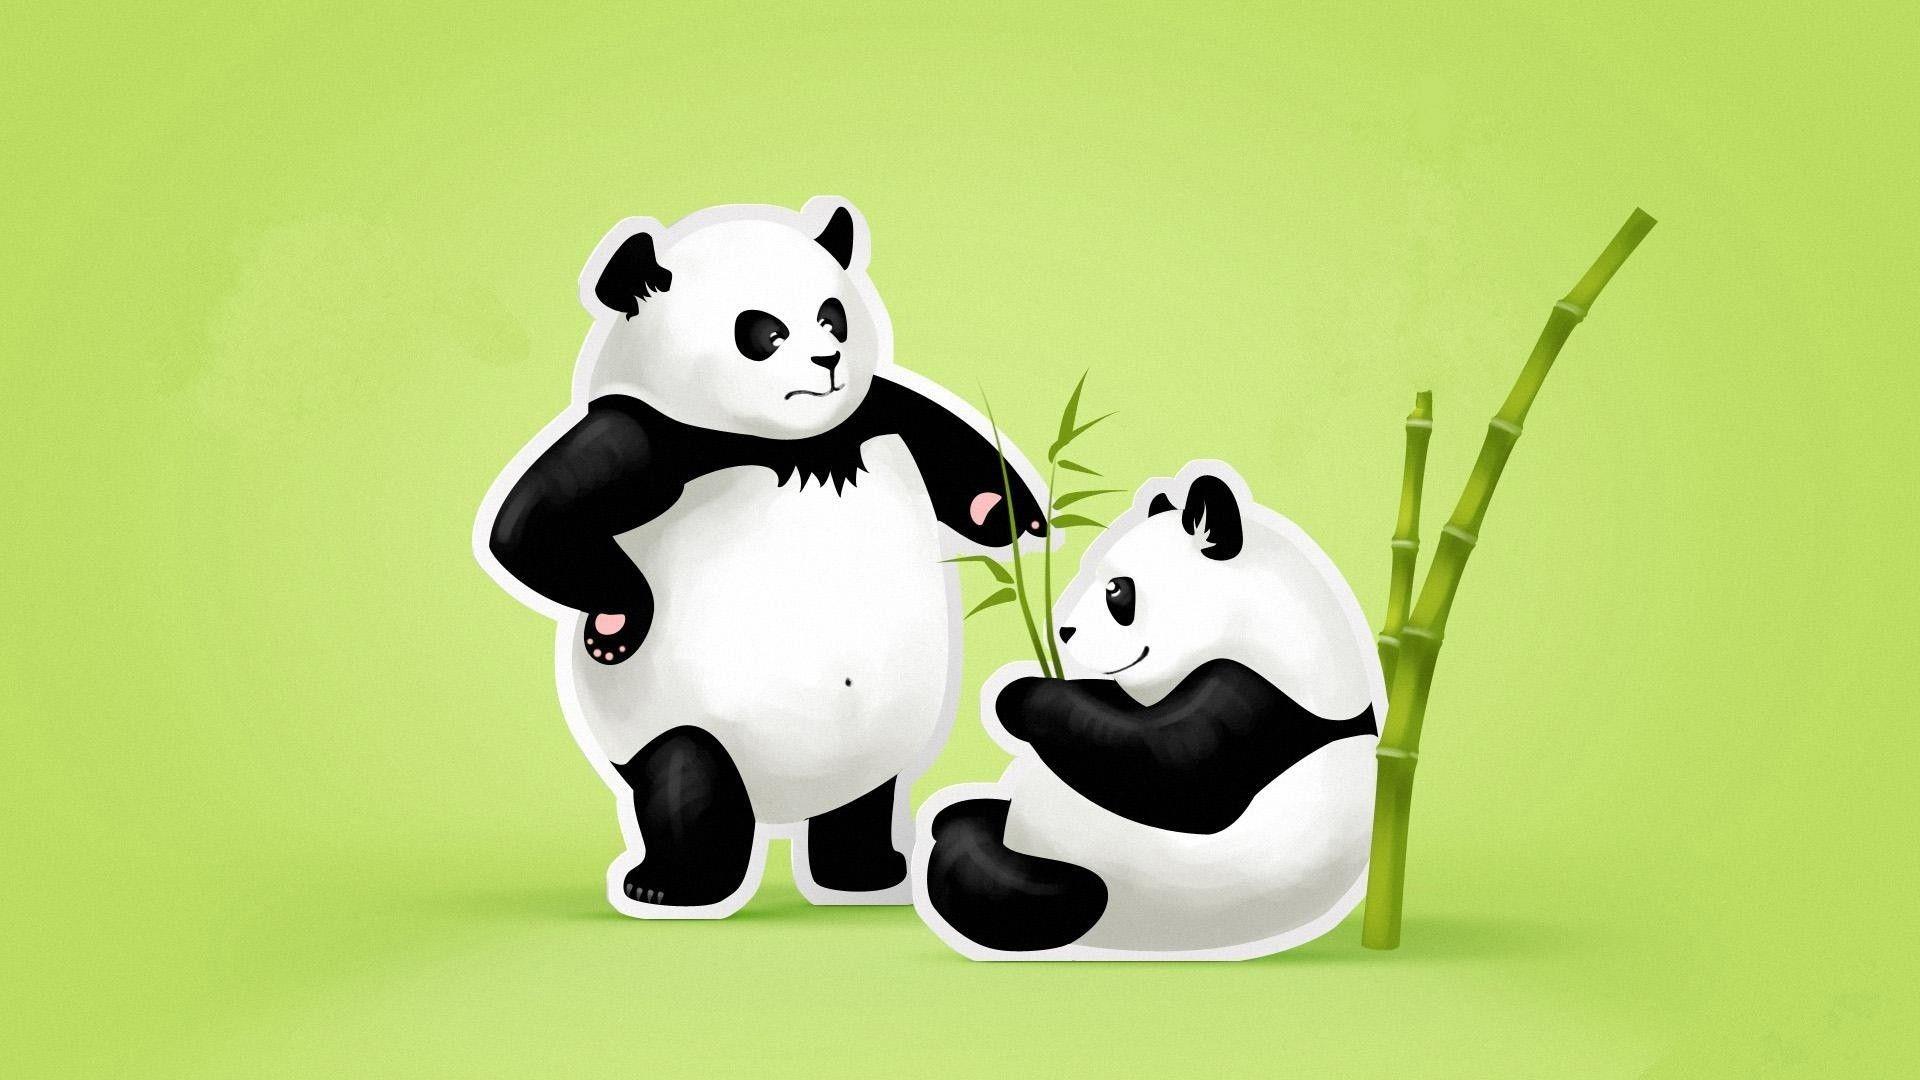 Cute Panda Couple Wallpaper Hd Best Hd Wallpapers Cute Panda Wallpaper Panda Wallpapers Panda Images